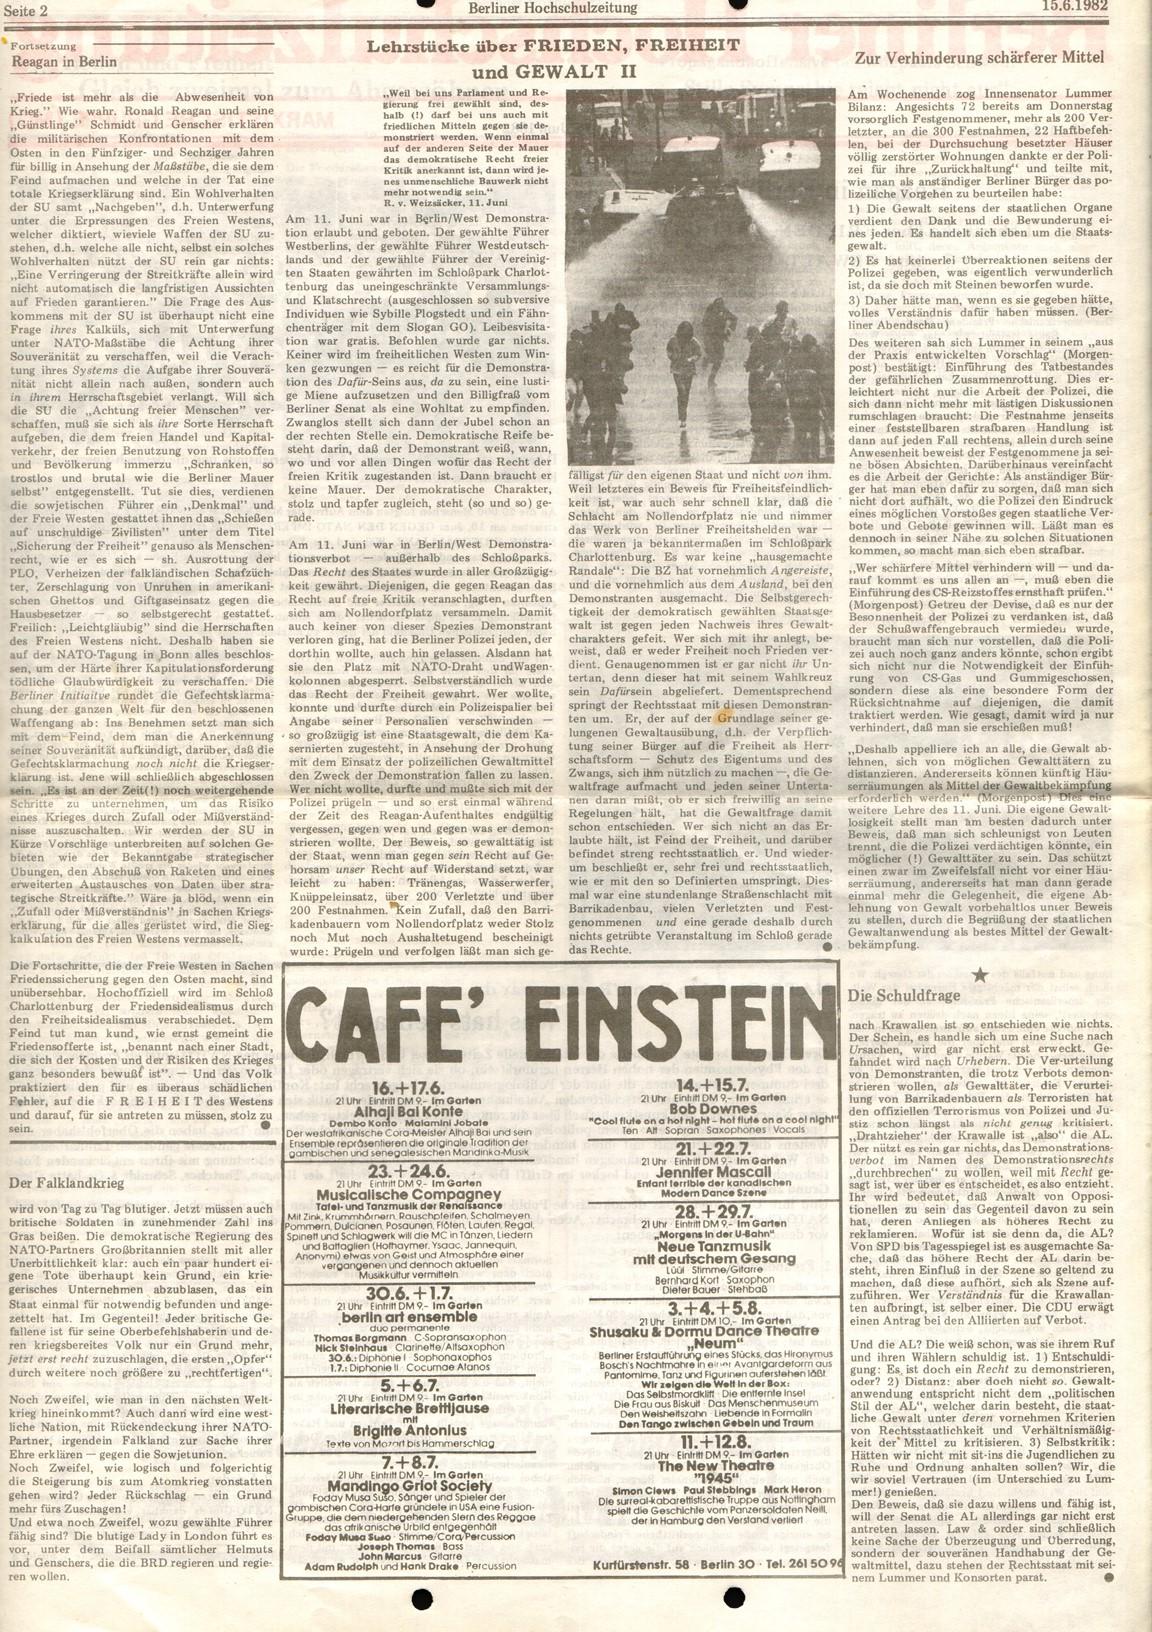 Berlin_MG_Hochschulzeitung_19820616_02